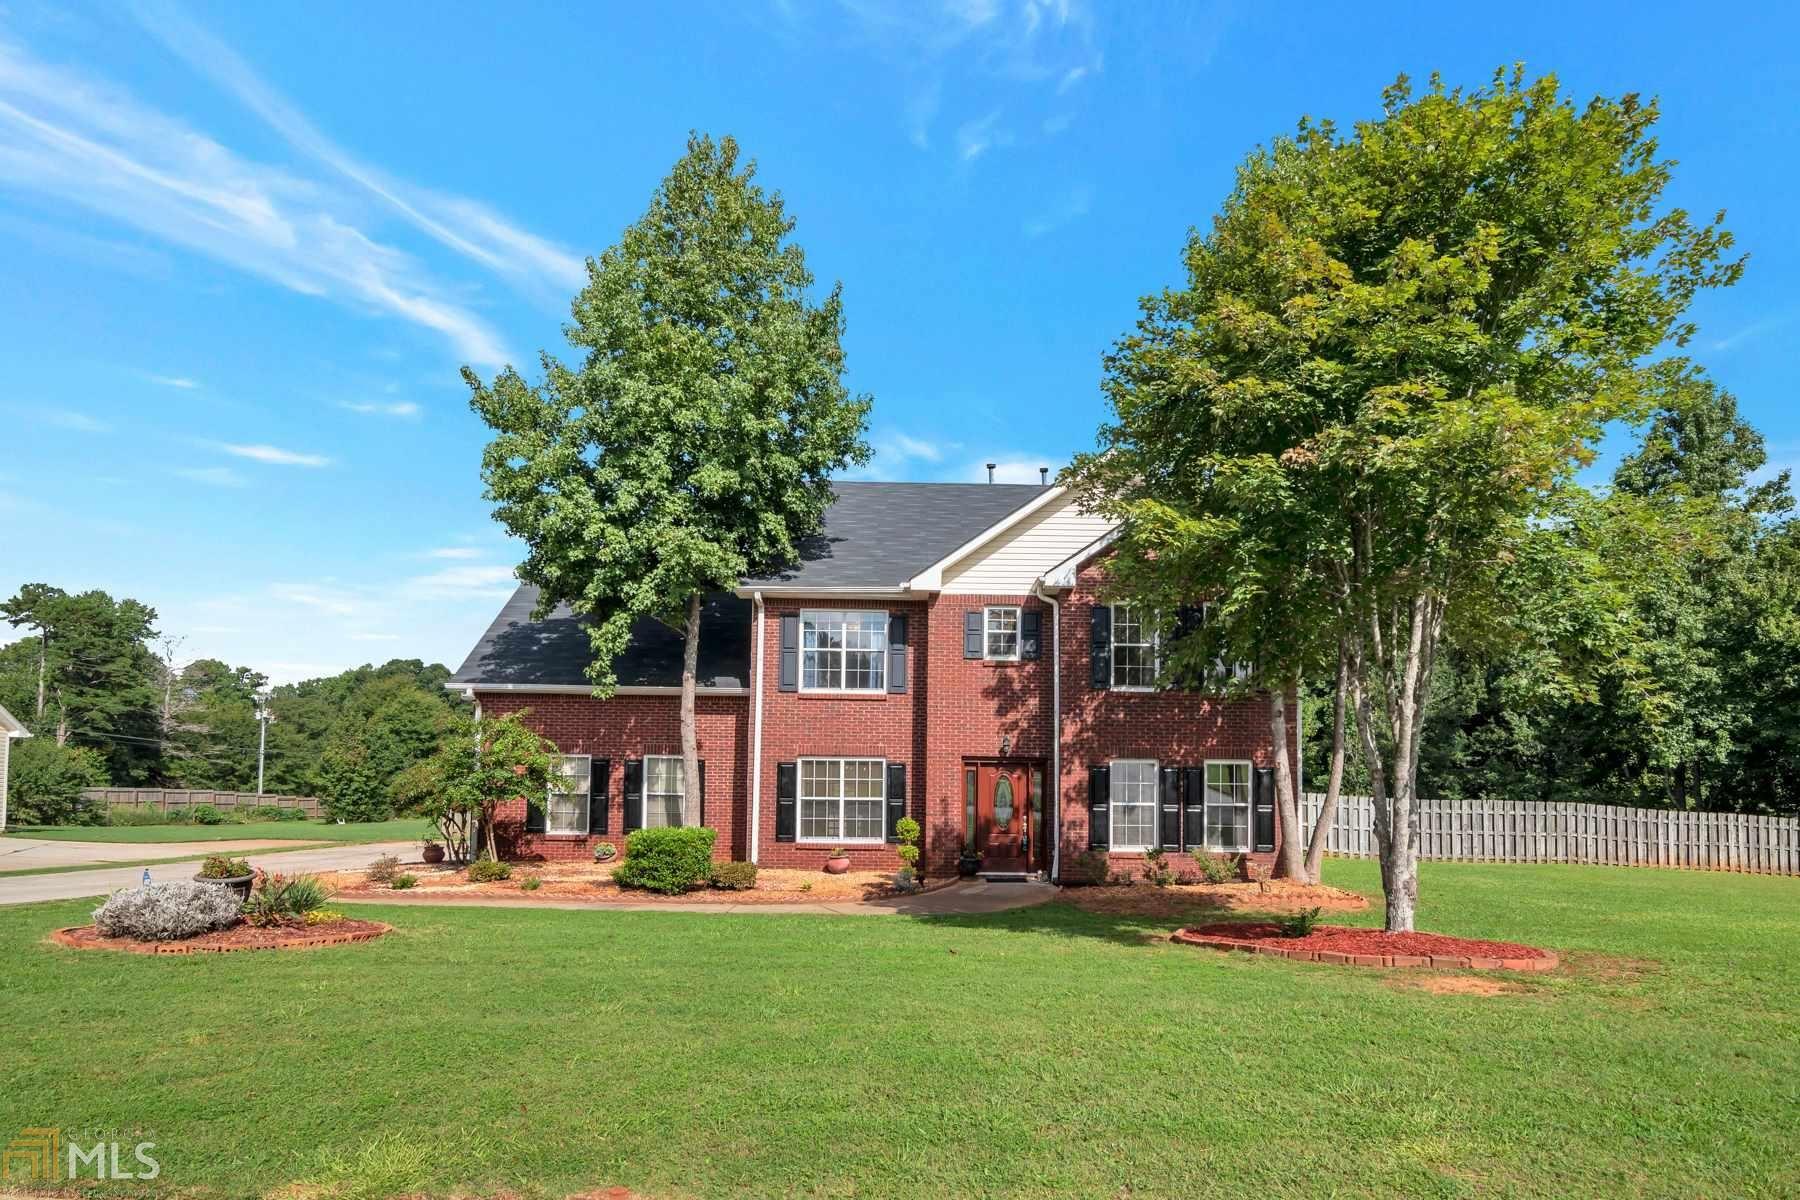 4803 Camden Dr, Conyers, GA 30094 - MLS#: 8851351